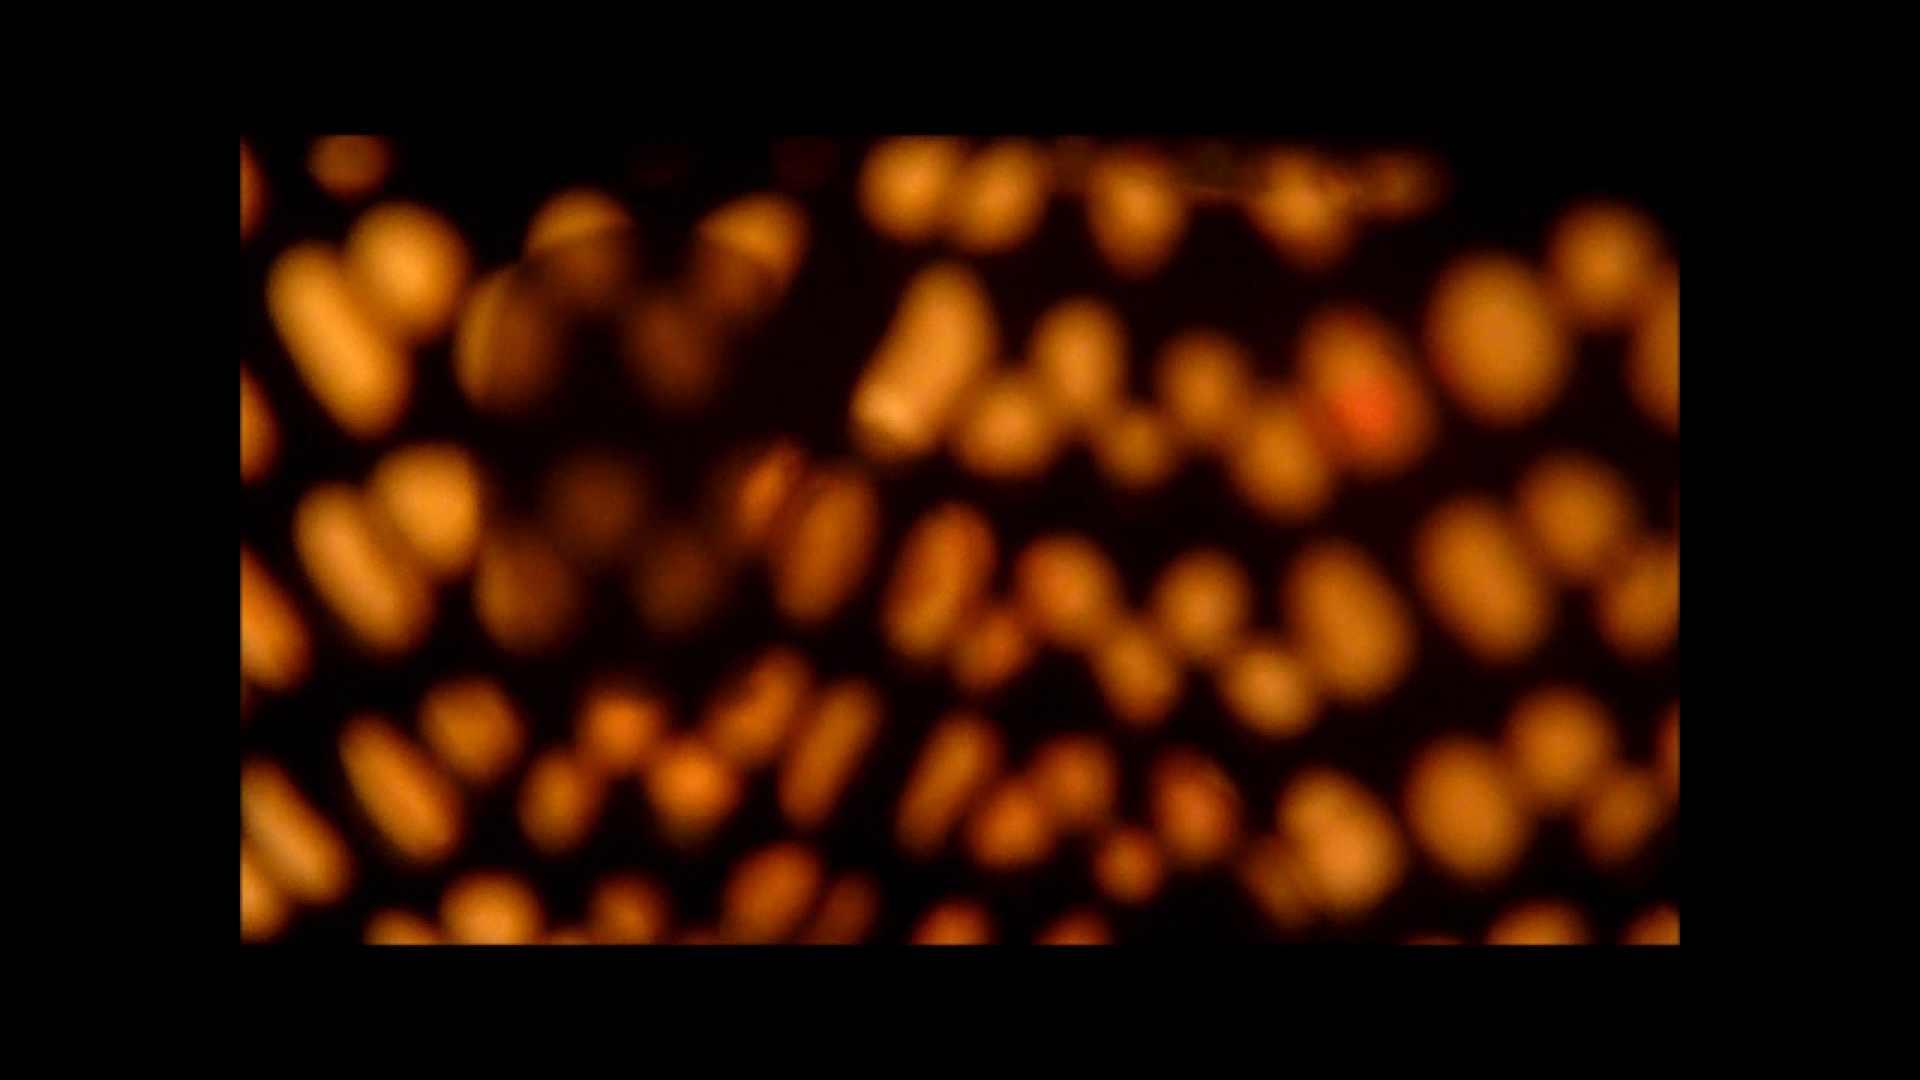 【02】ベランダに侵入して張り込みを始めて・・・やっと結果が出ました。 家宅侵入 | 0  82画像 46